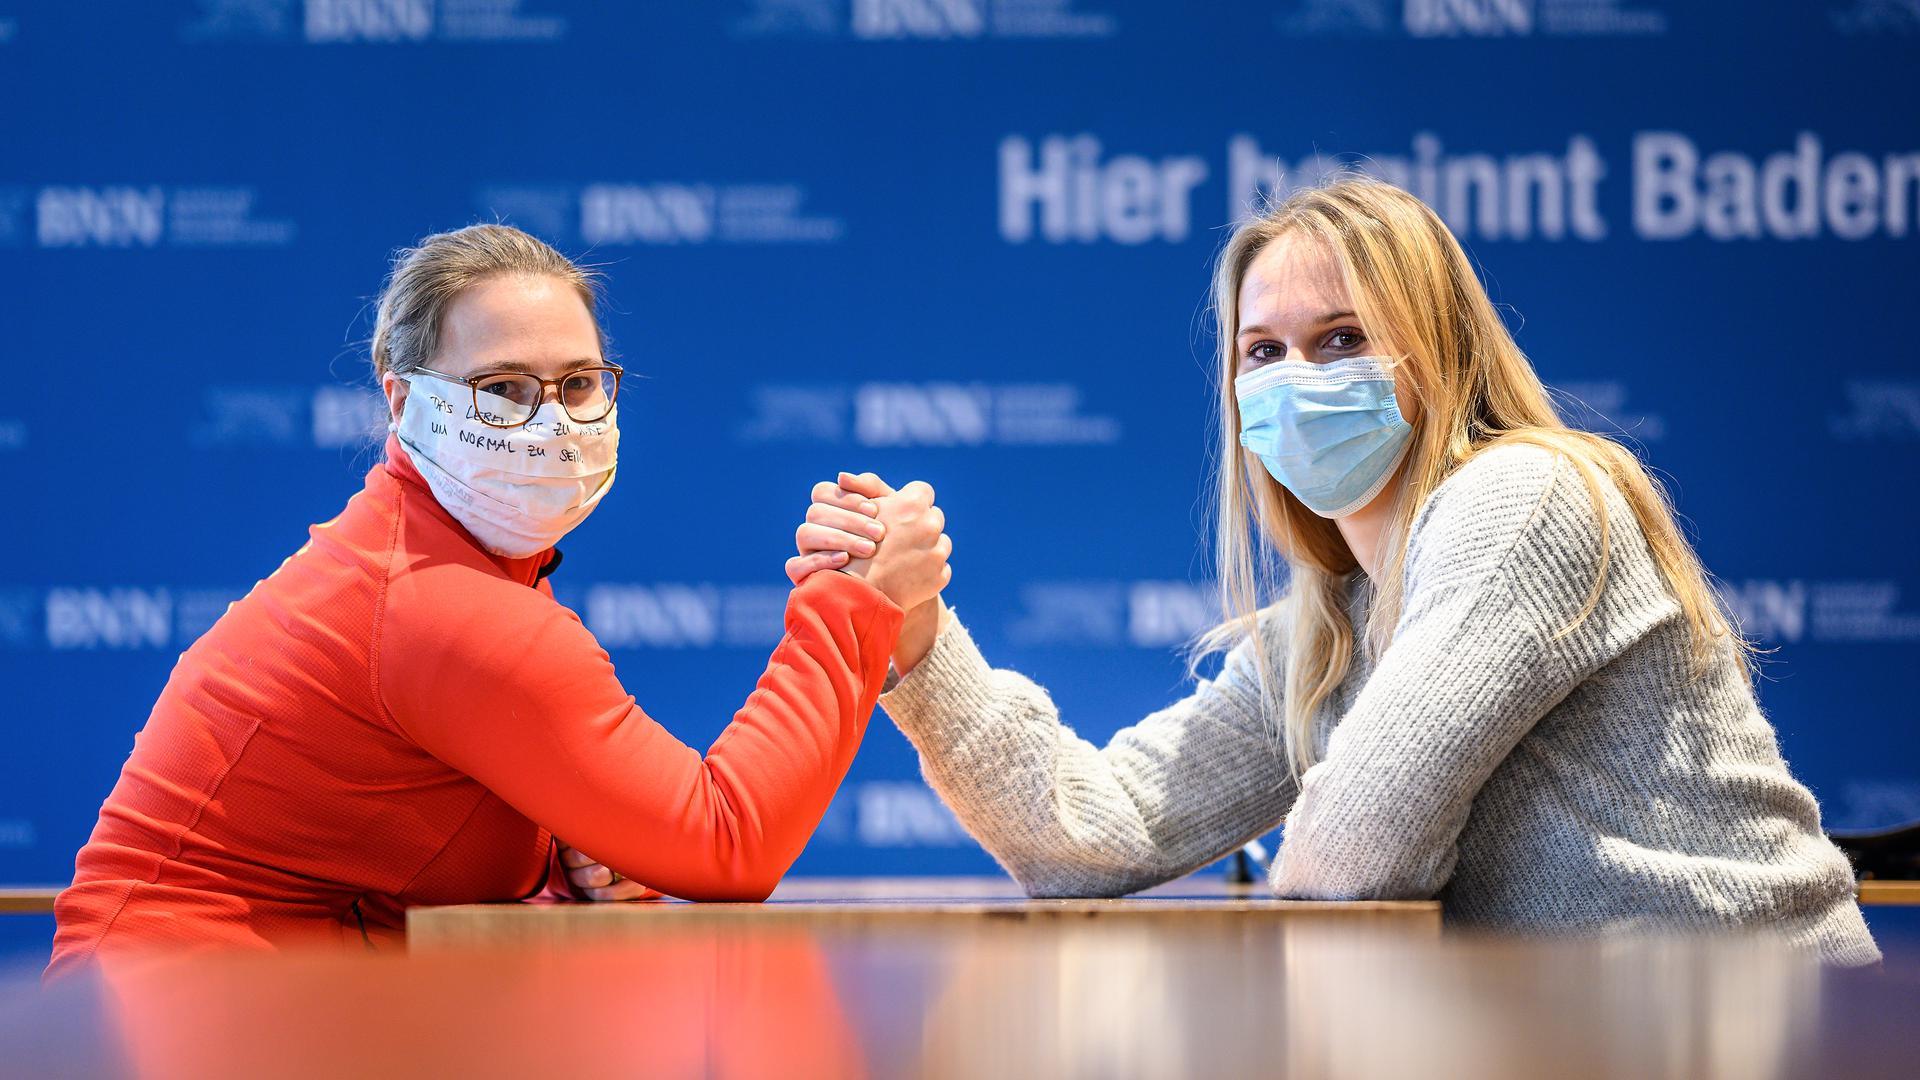 Luisa Niemesch (l./ Ringen) und Sabine Kusterer (r./Gewichtheben) beim gestellten Kraeftemessen.  GES/ Sportart/ Interview BNN, 07.12.2020